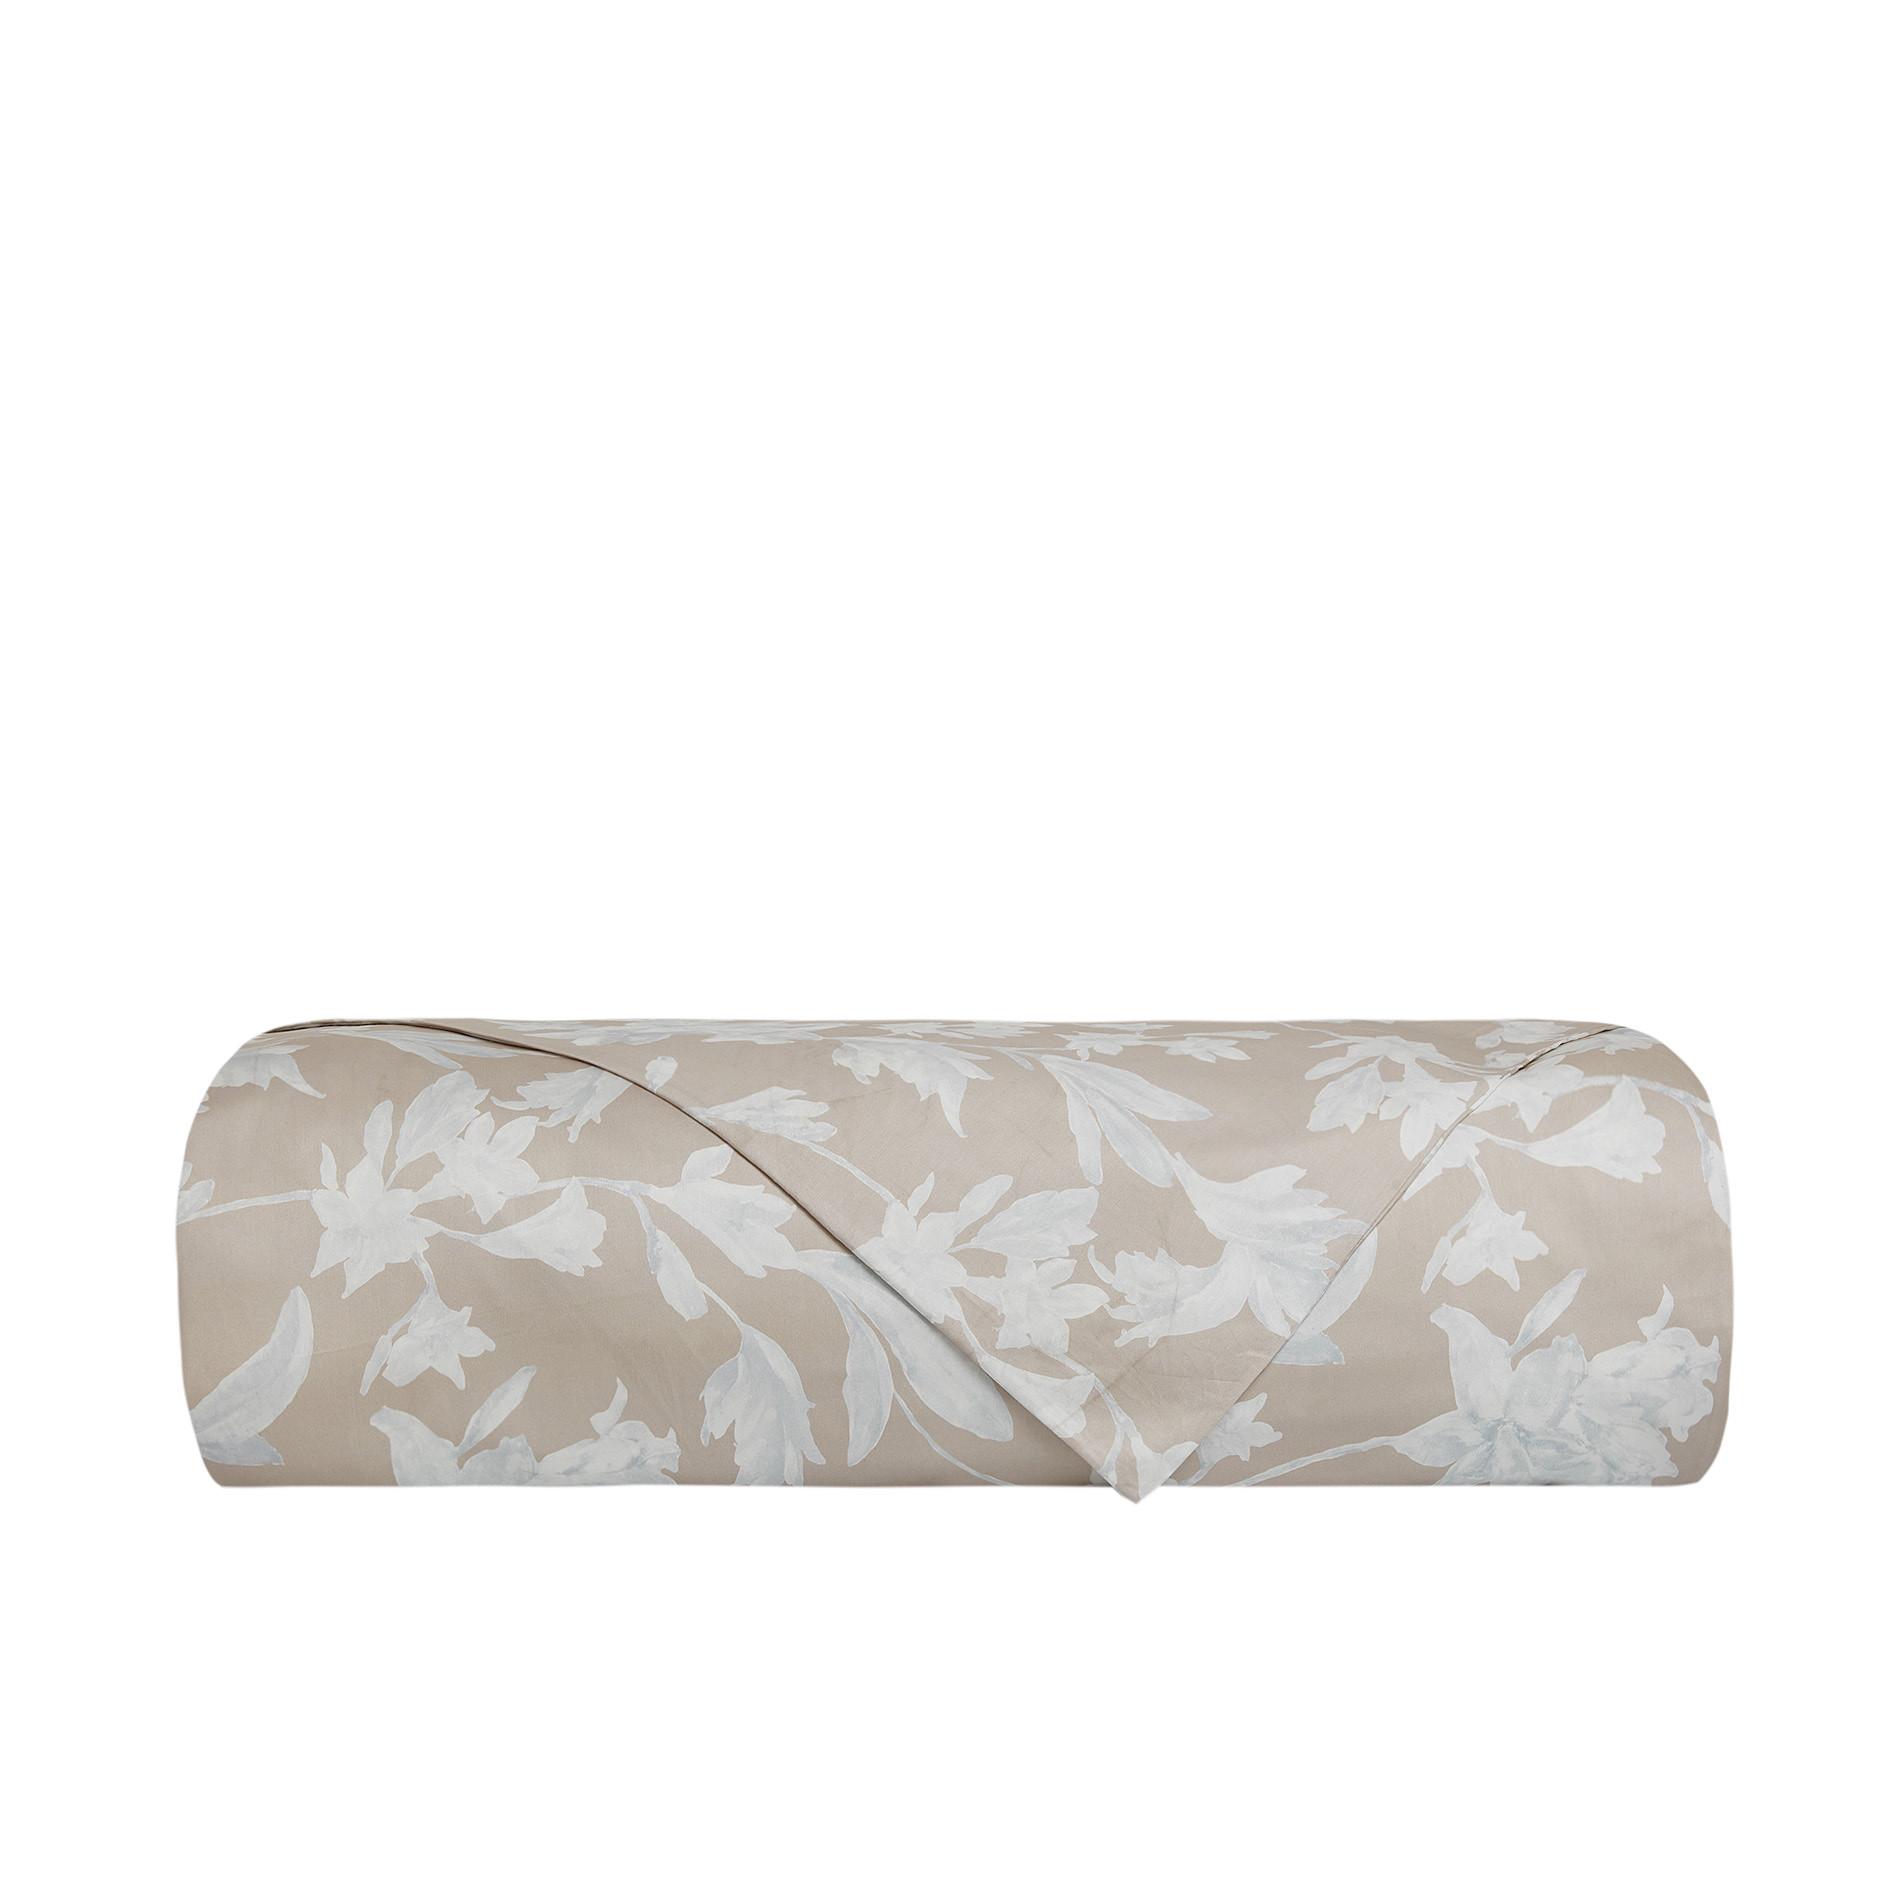 Copripiumino raso di cotone motivo floreale Portofino, Beige, large image number 1